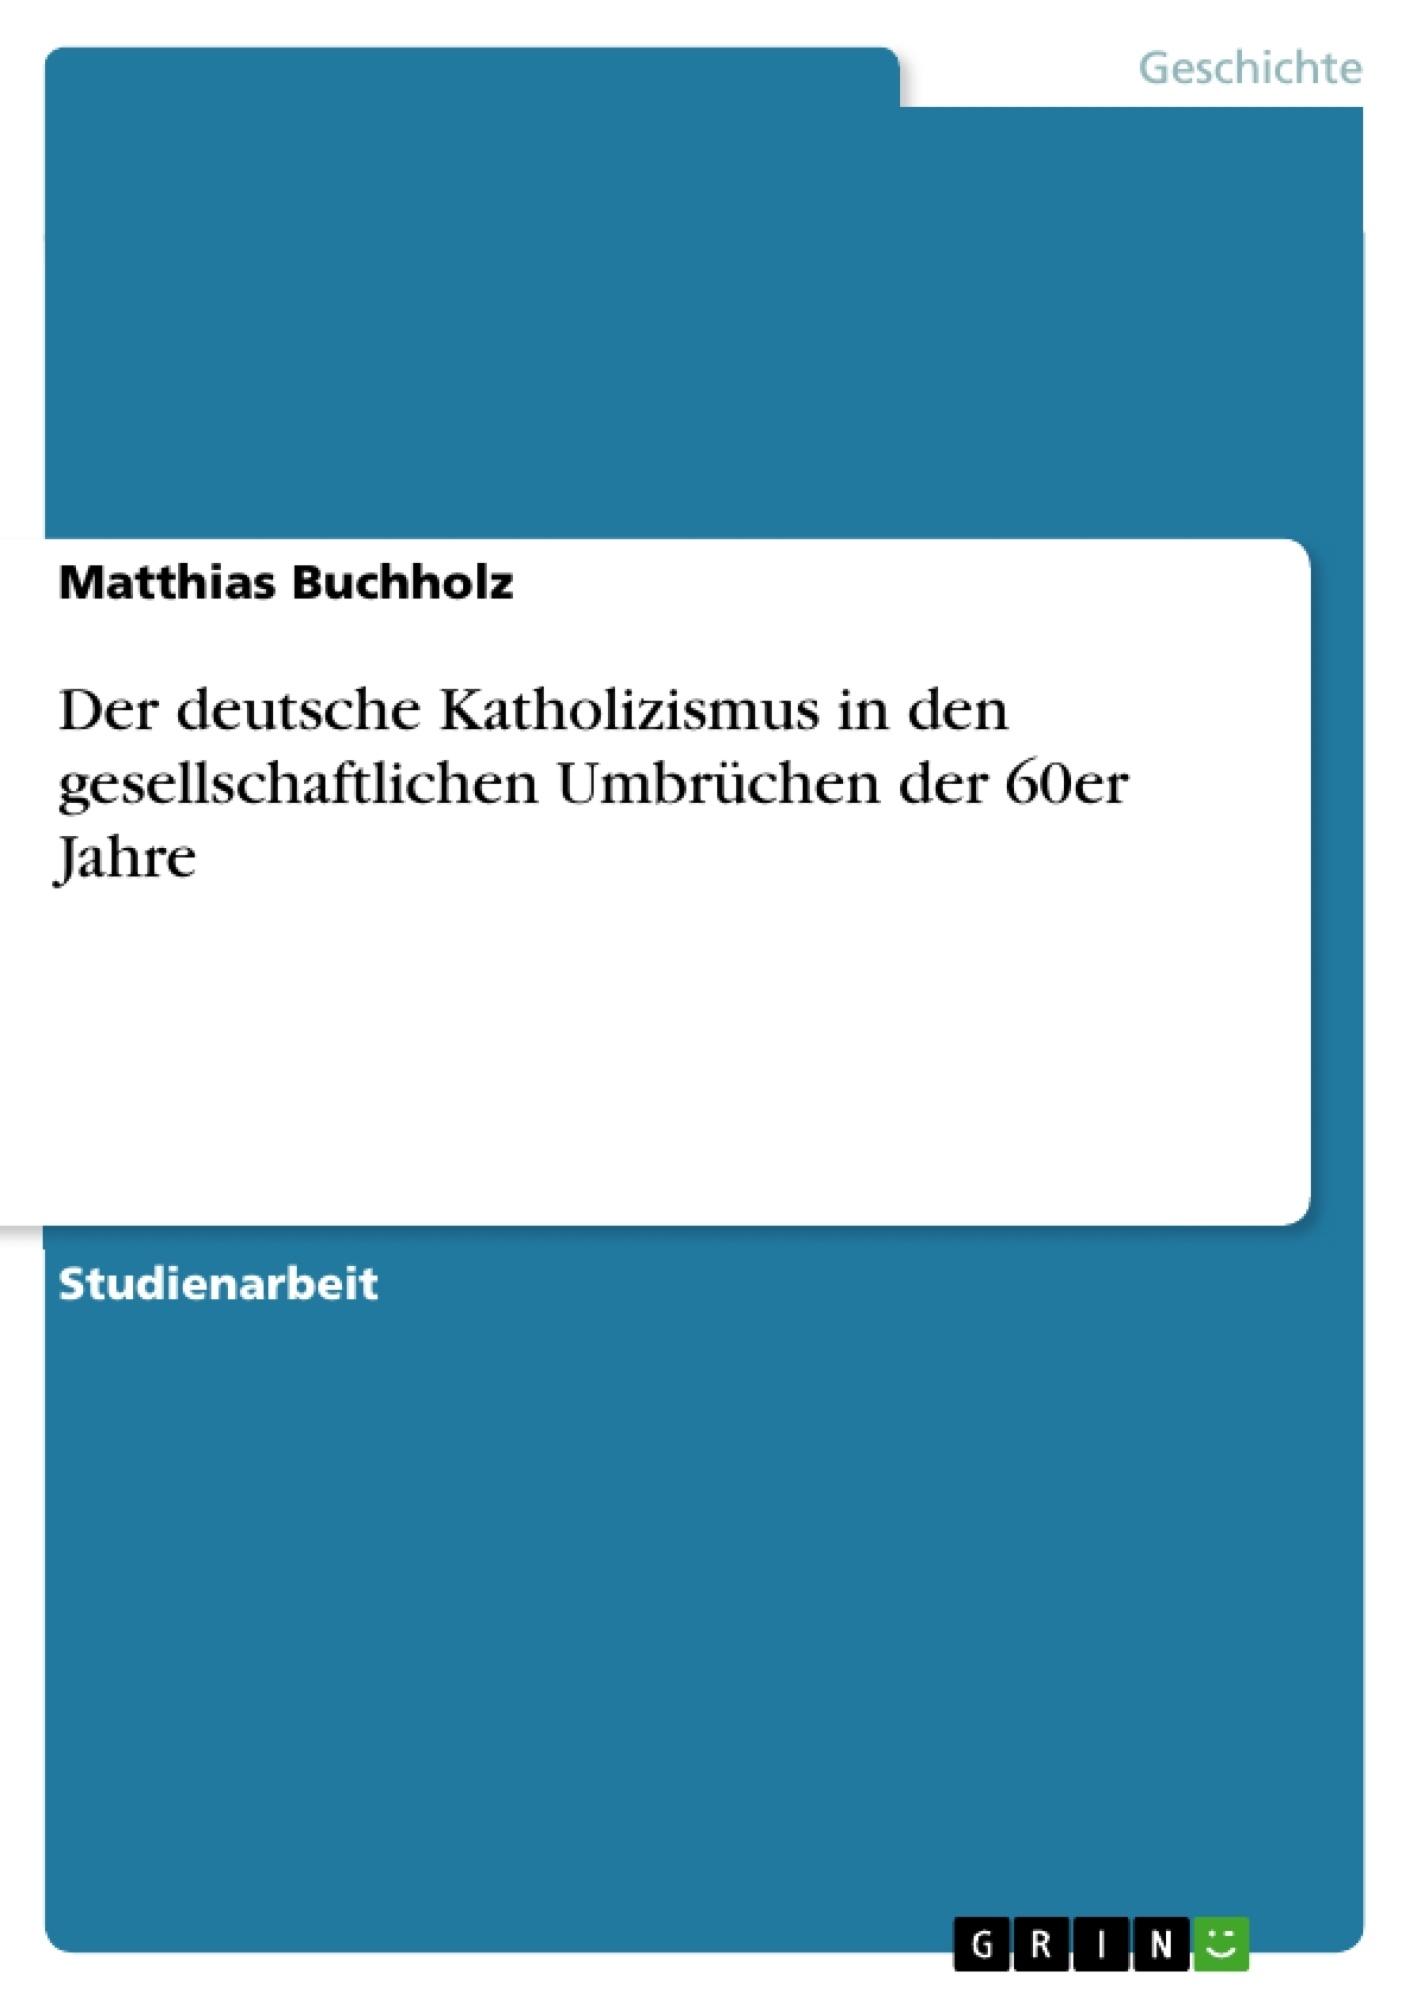 Titel: Der deutsche Katholizismus in den gesellschaftlichen Umbrüchen der 60er Jahre